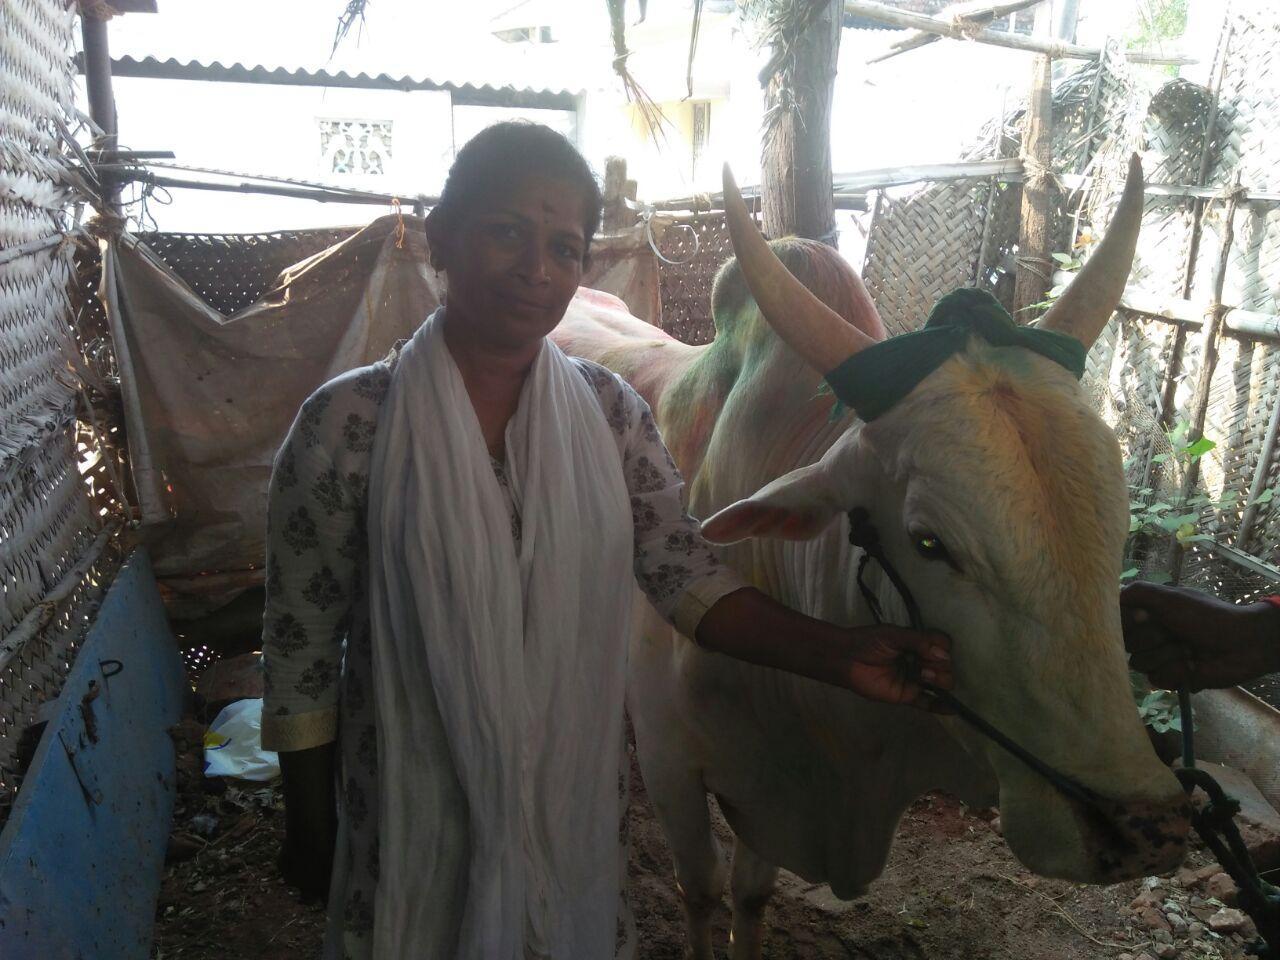 ஜல்லிக்கட்டு - கீதா